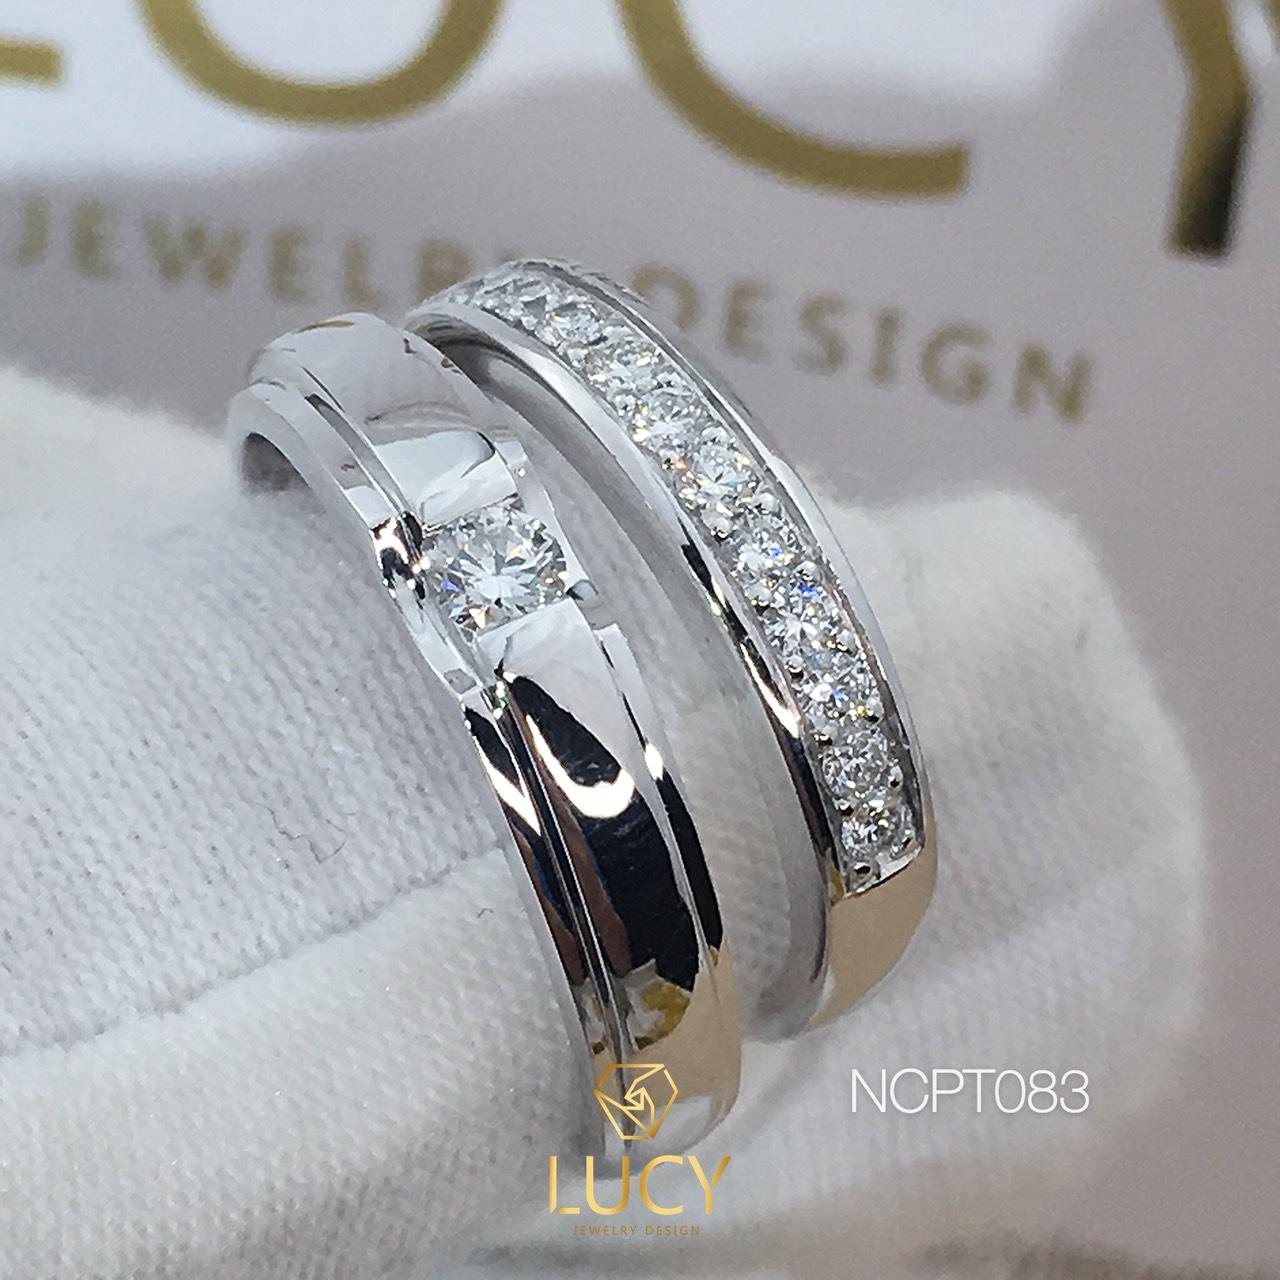 NCPT083 Nhẫn cưới bạch kim cao cấp Platinum 90% PT900 đính kim cương tự nhiên - Lucy Jewelry